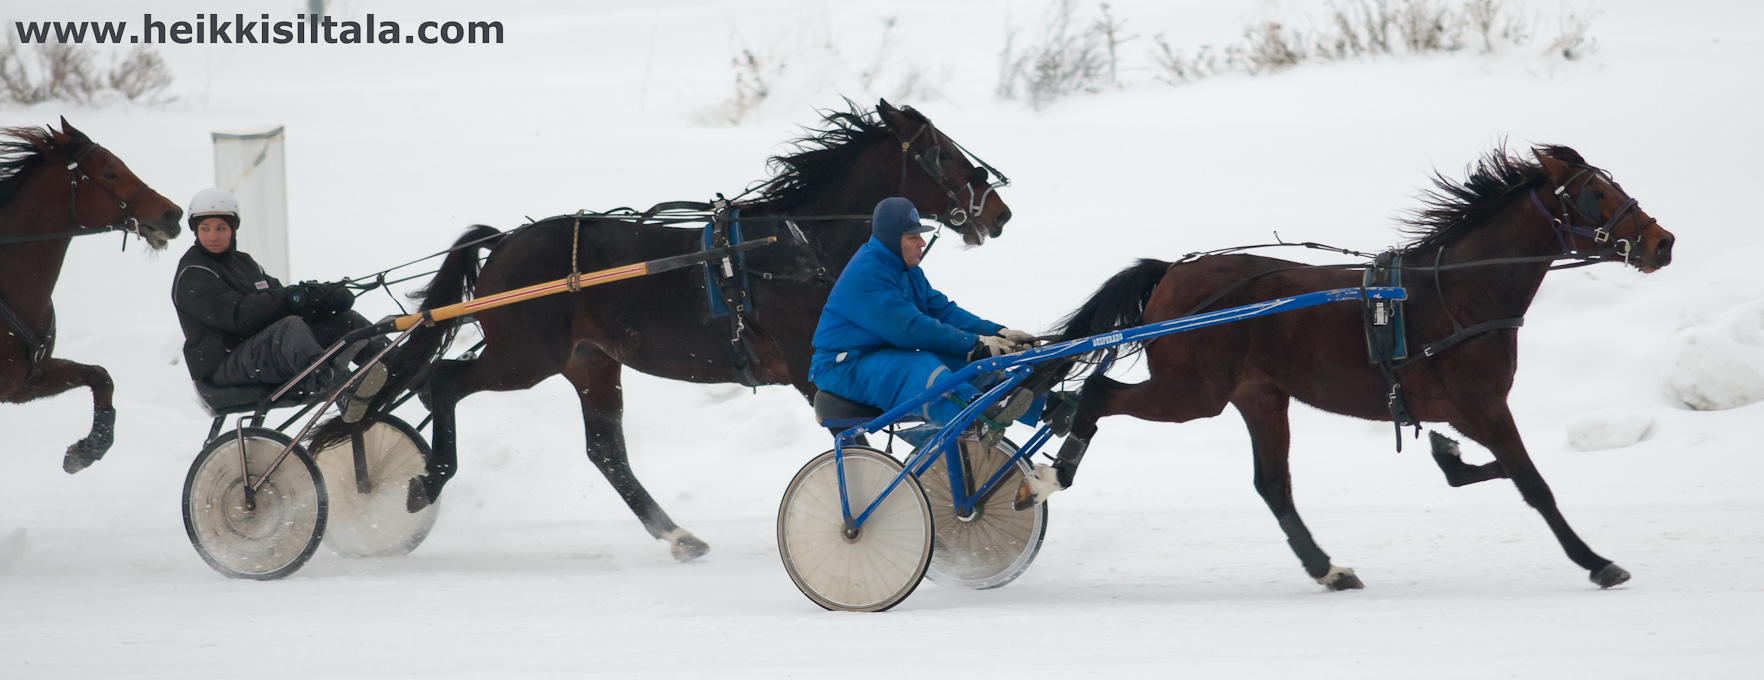 hevoset, kuva 166054, 8.1.2011